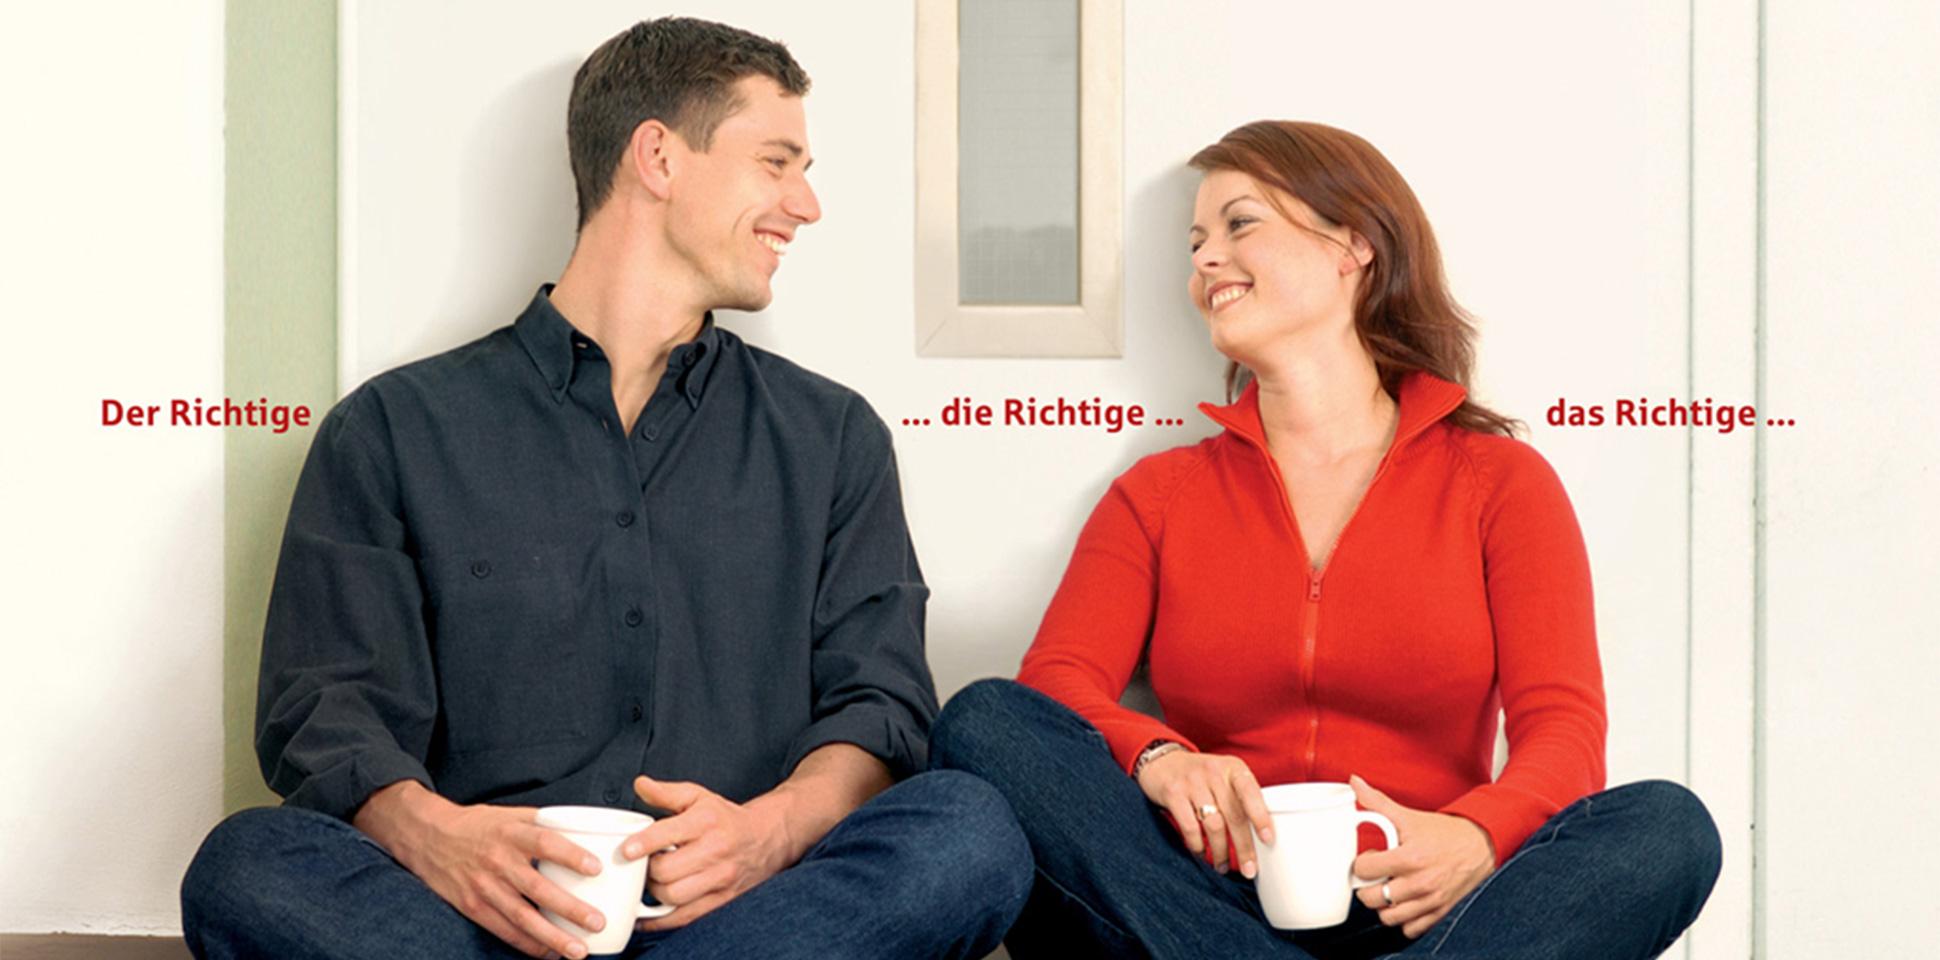 Sparkasse-rothenburg-bremervoerde corporate-design mann-und-frau aufmacher polarwerk